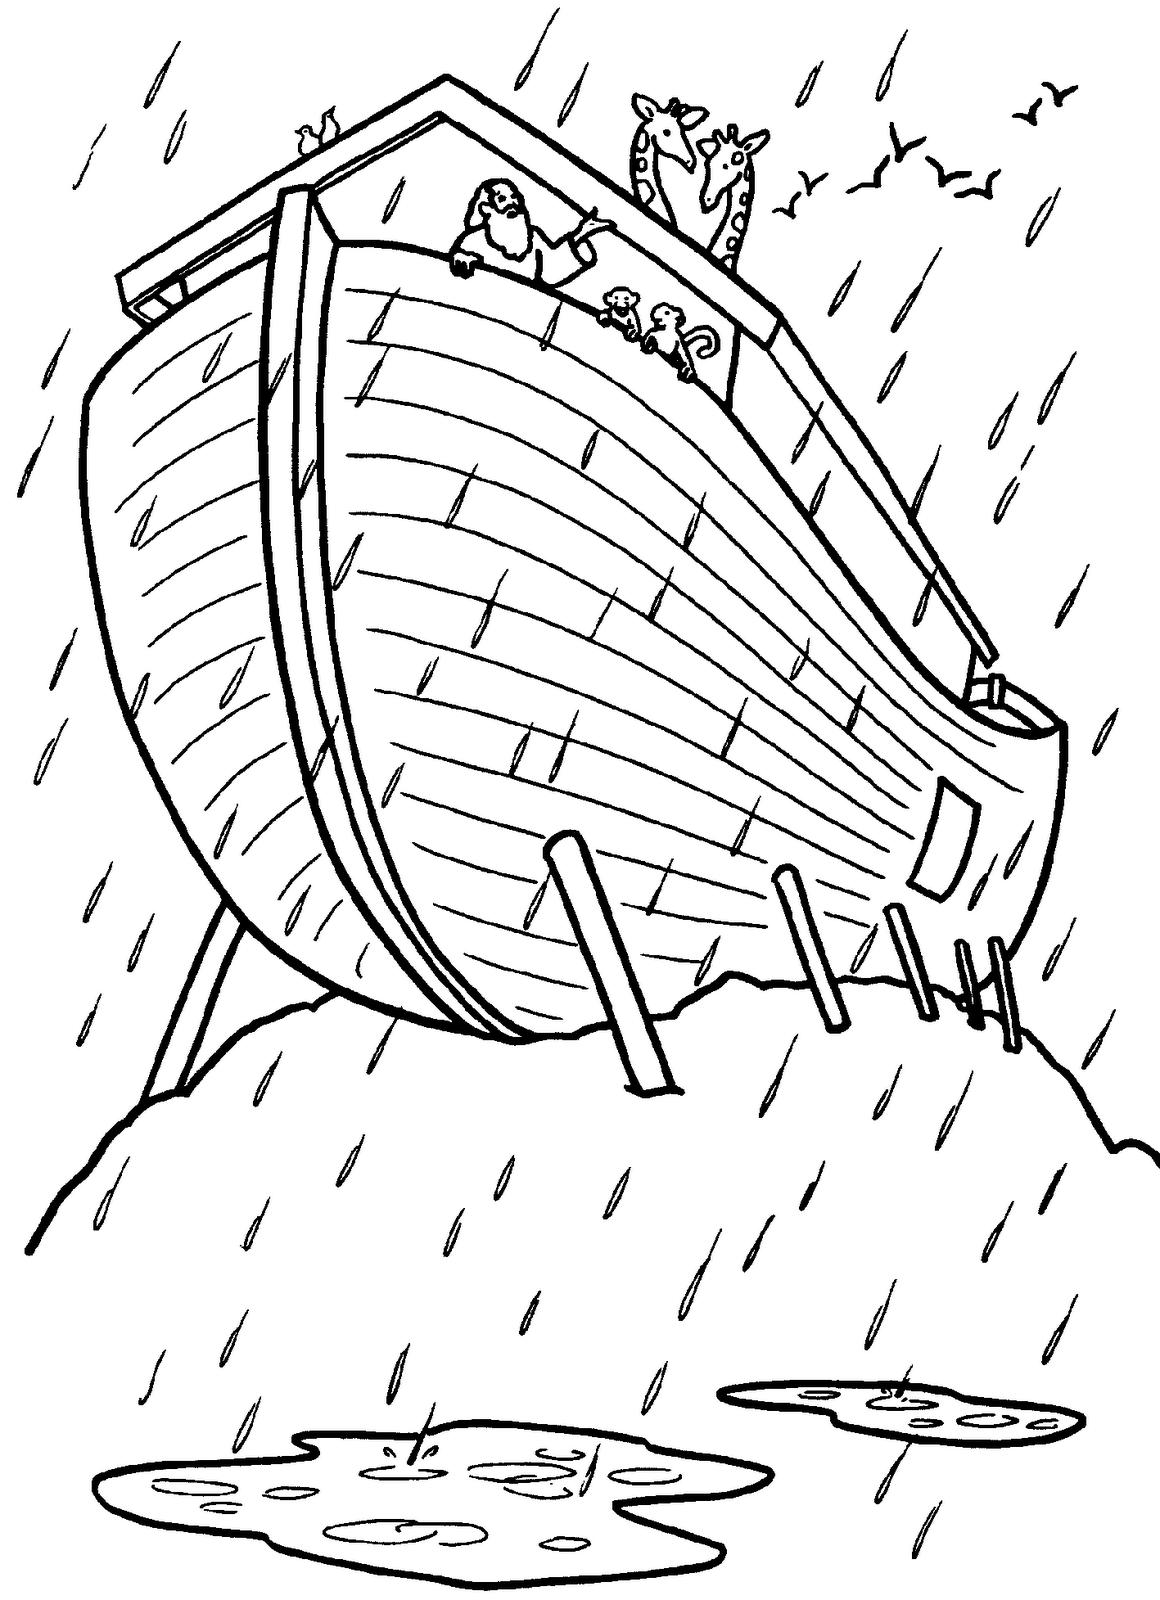 Imagenes Cristianas Para Colorear: Dibujos para colorear del Arca de Noe